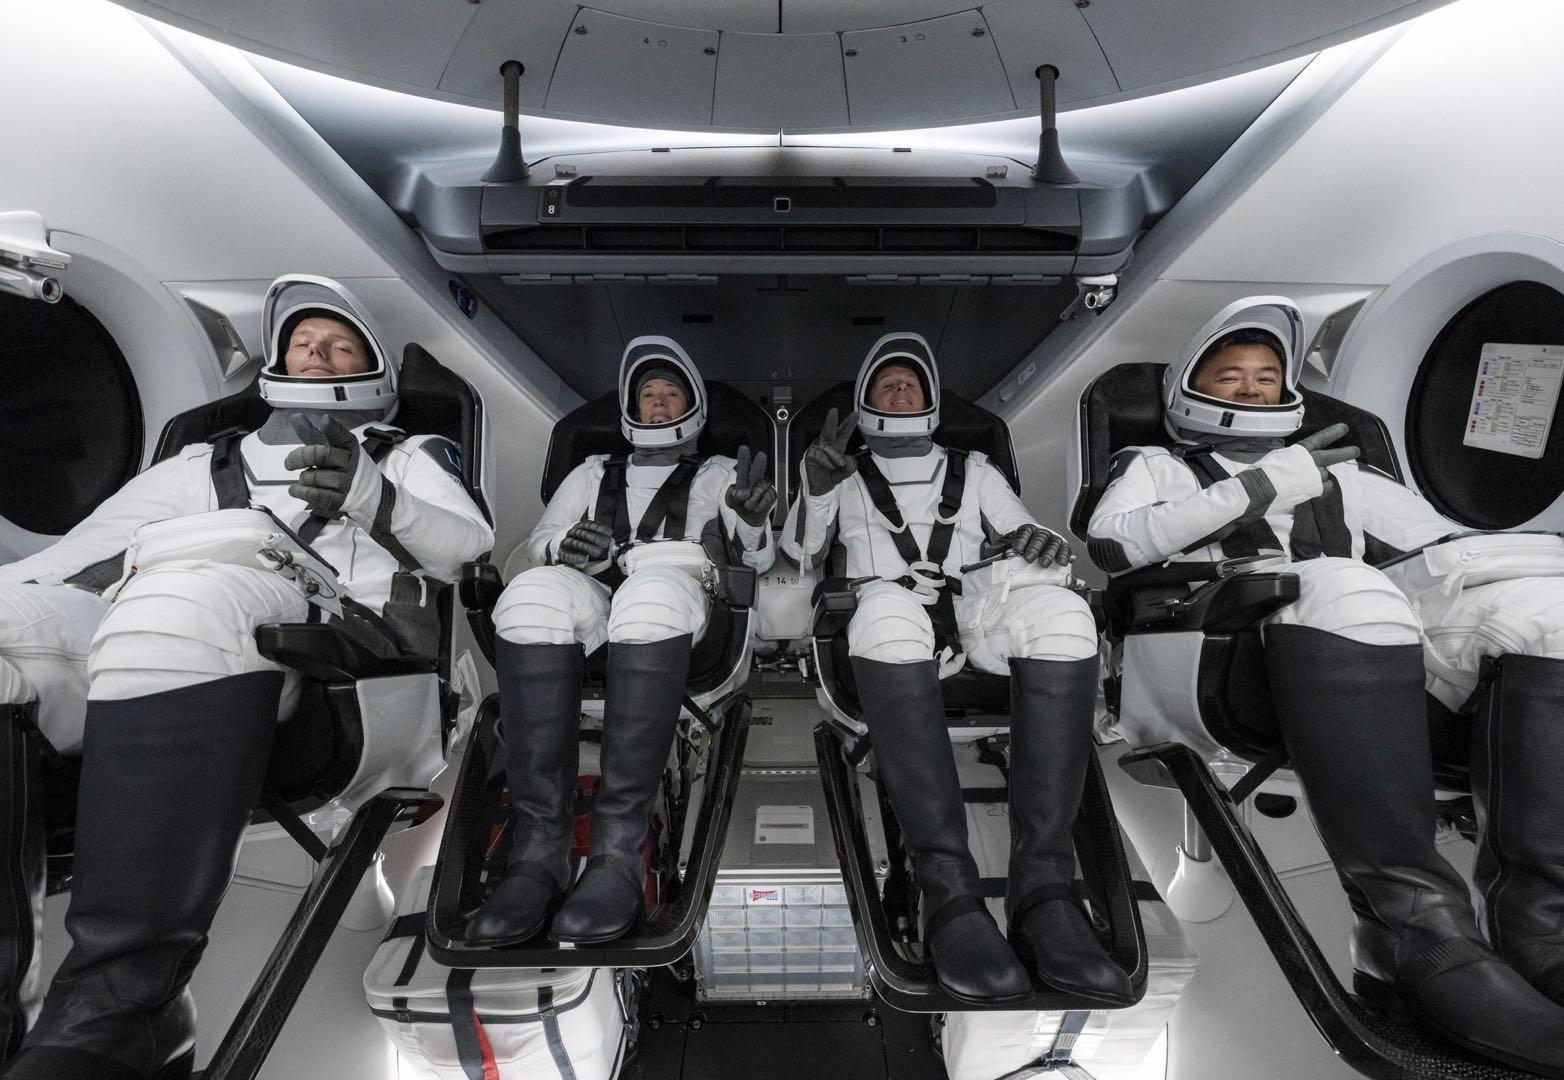 SpaceX用回收的火箭和飞船送4名宇航员前往国际空间站